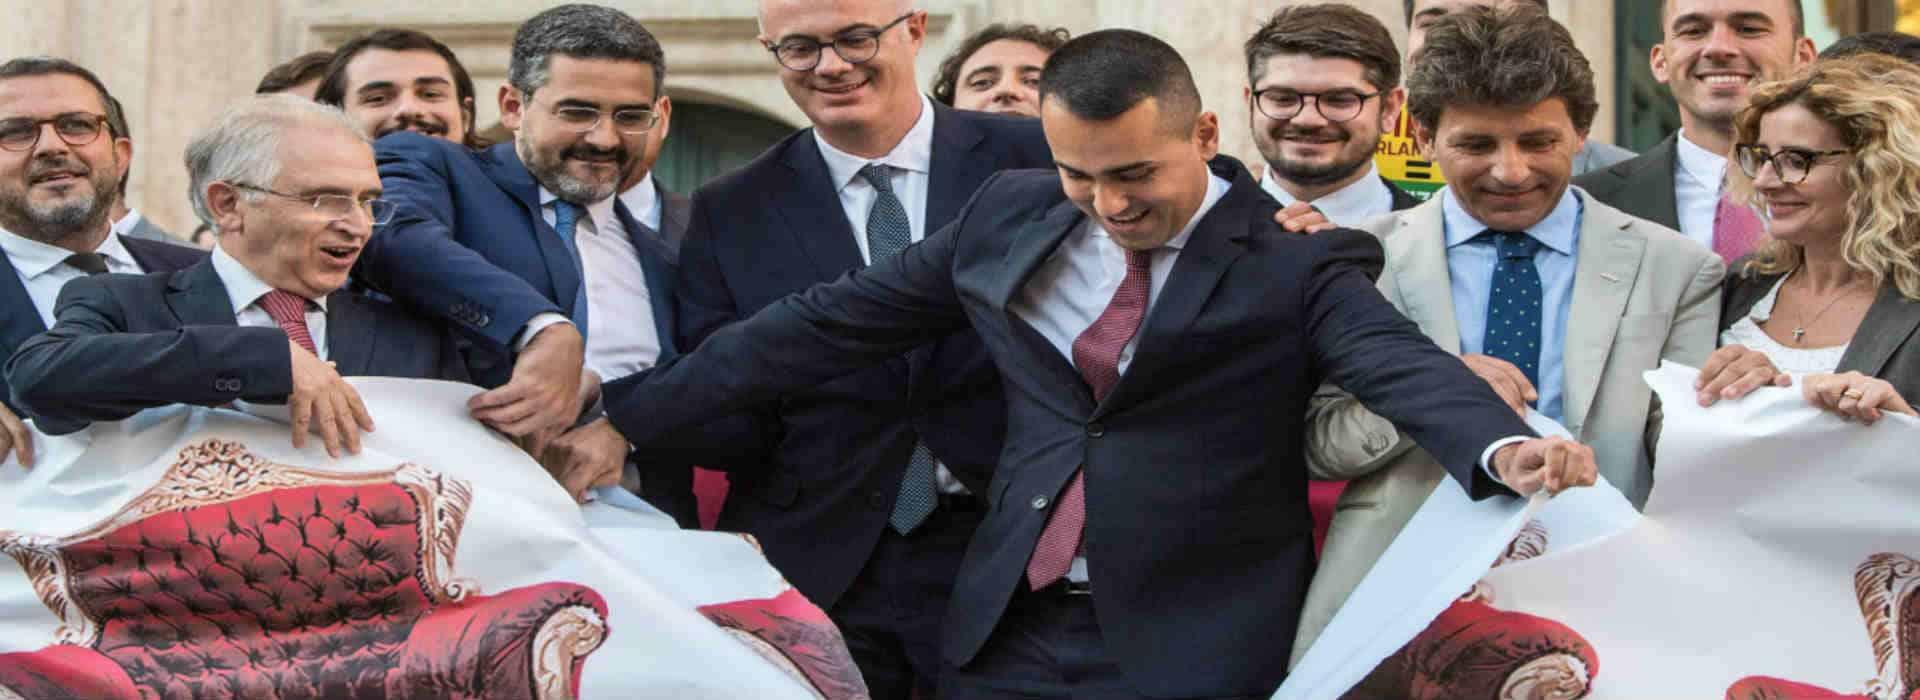 Luigi Di Maio strappa un manifesto davanti Montecitorio